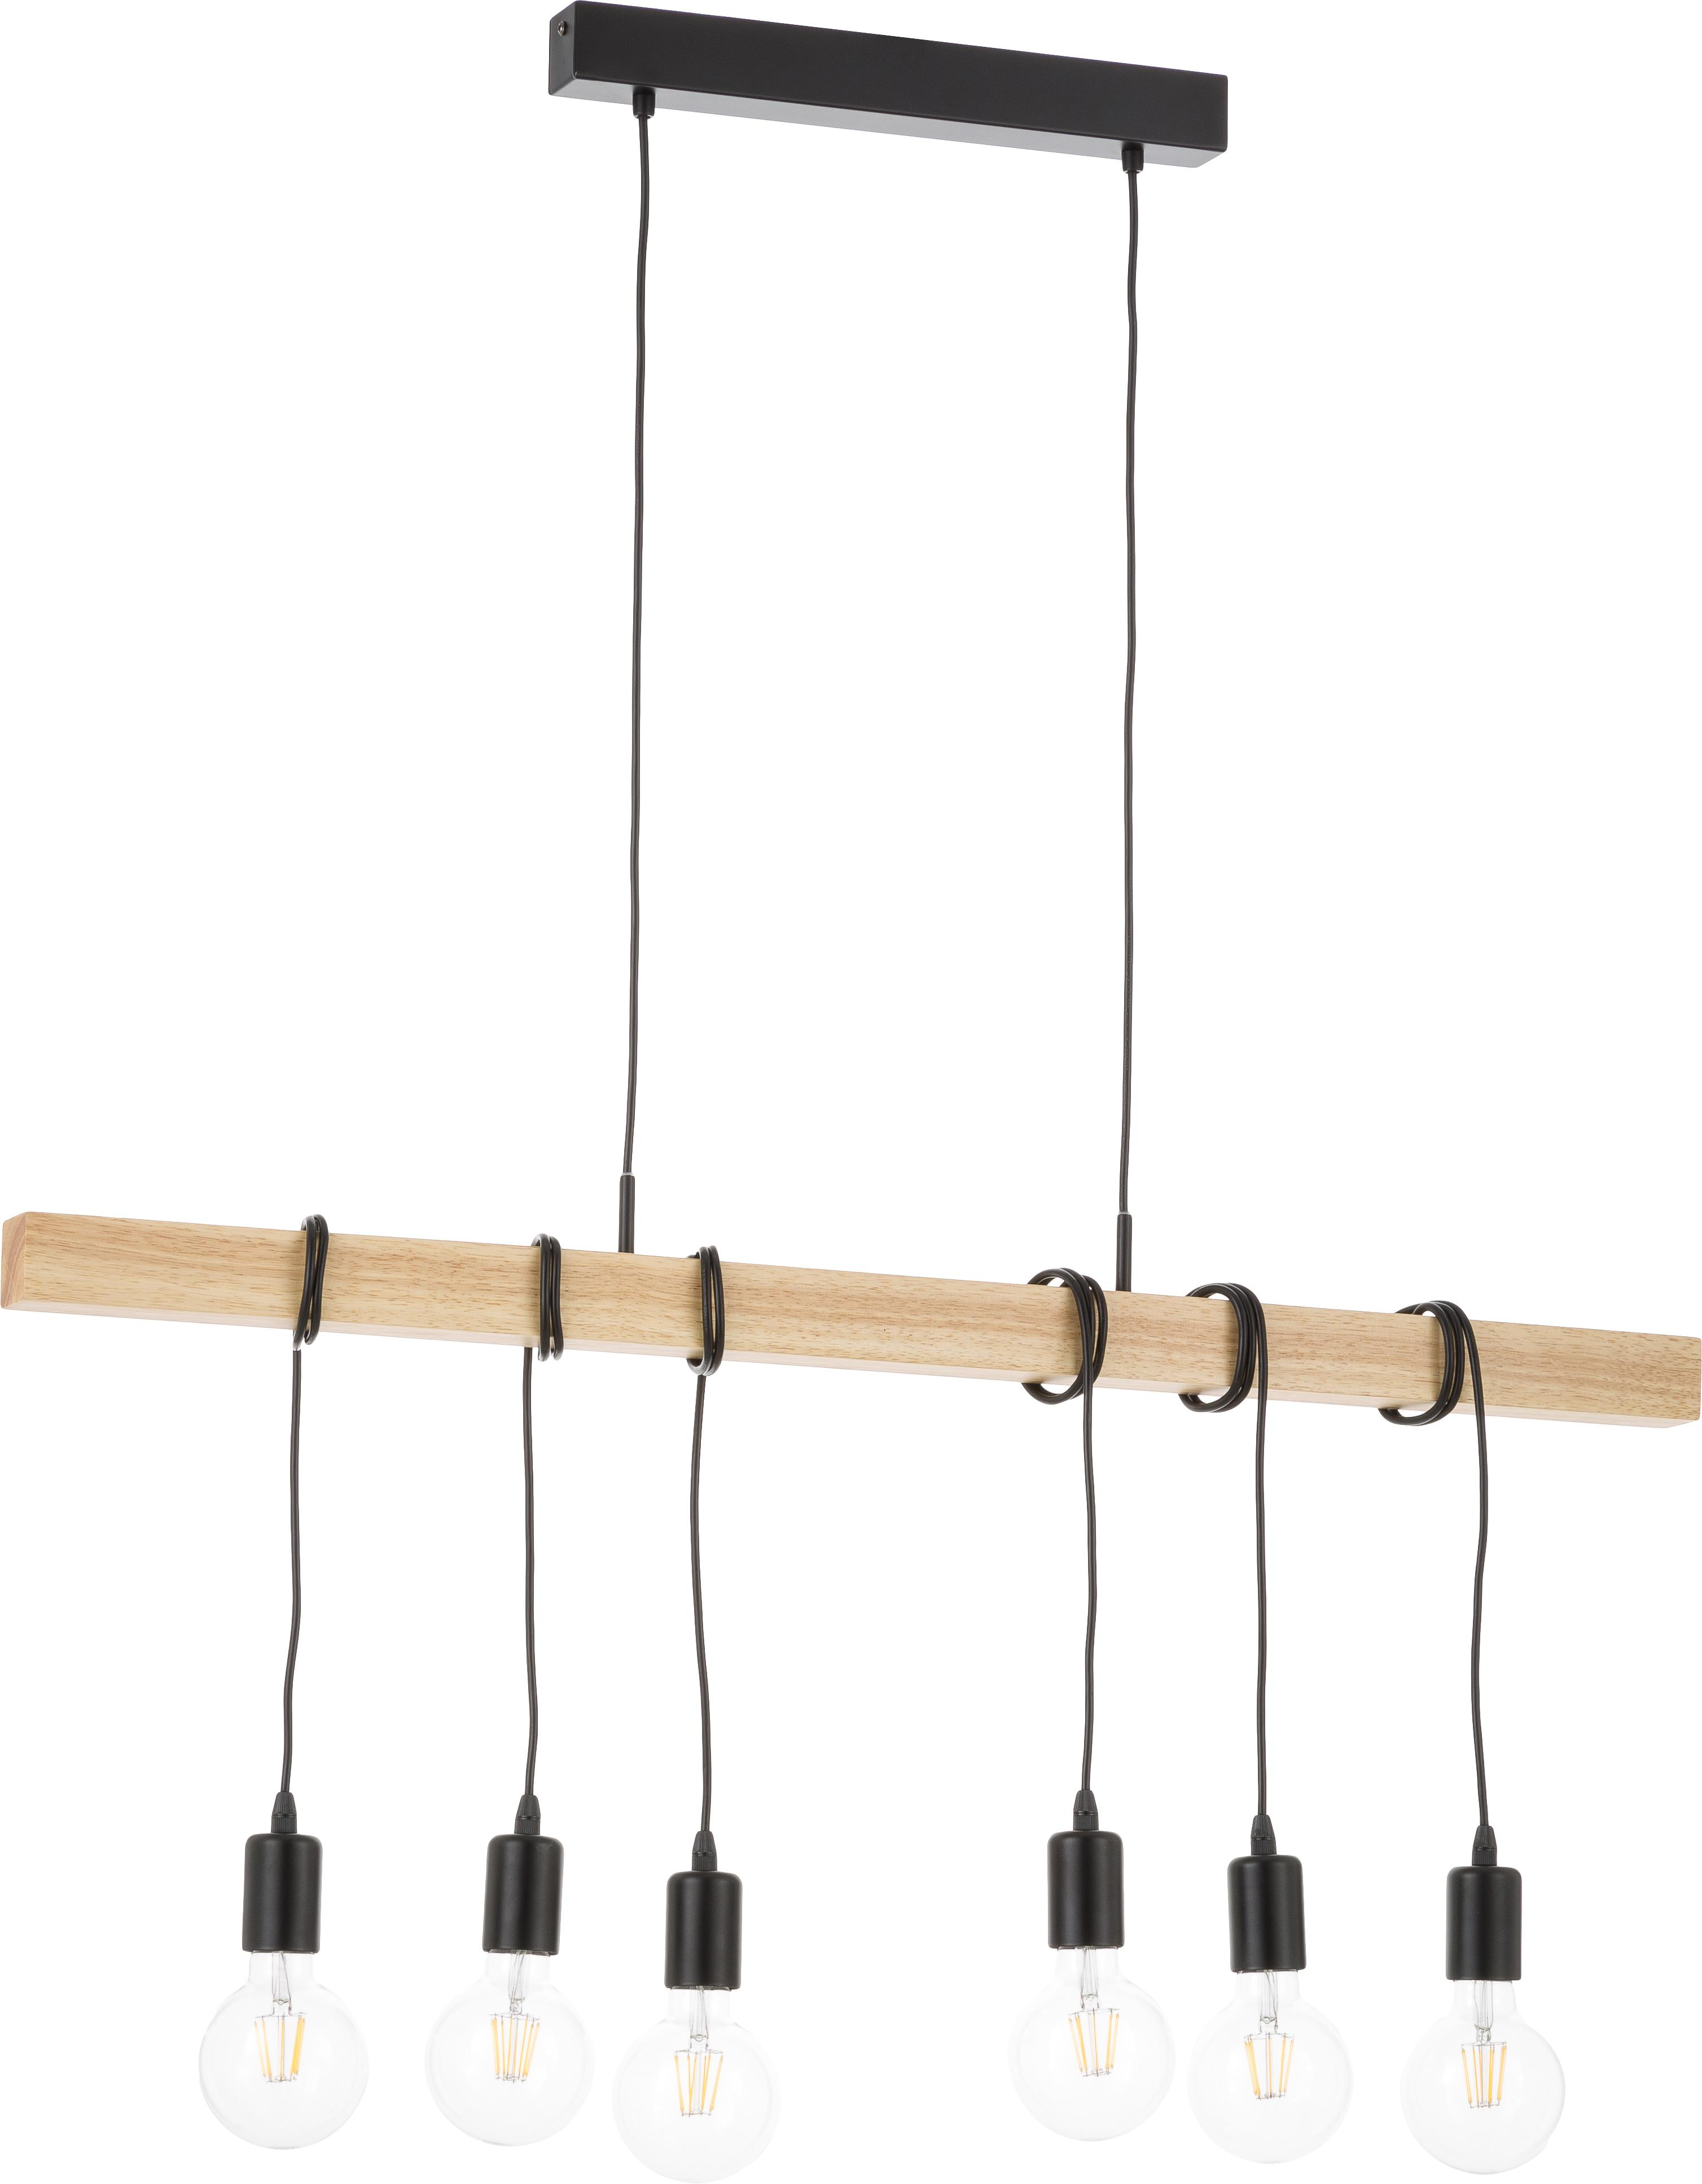 Suspension industrielle bois et acier, grande taille Townshend, Noir, bois